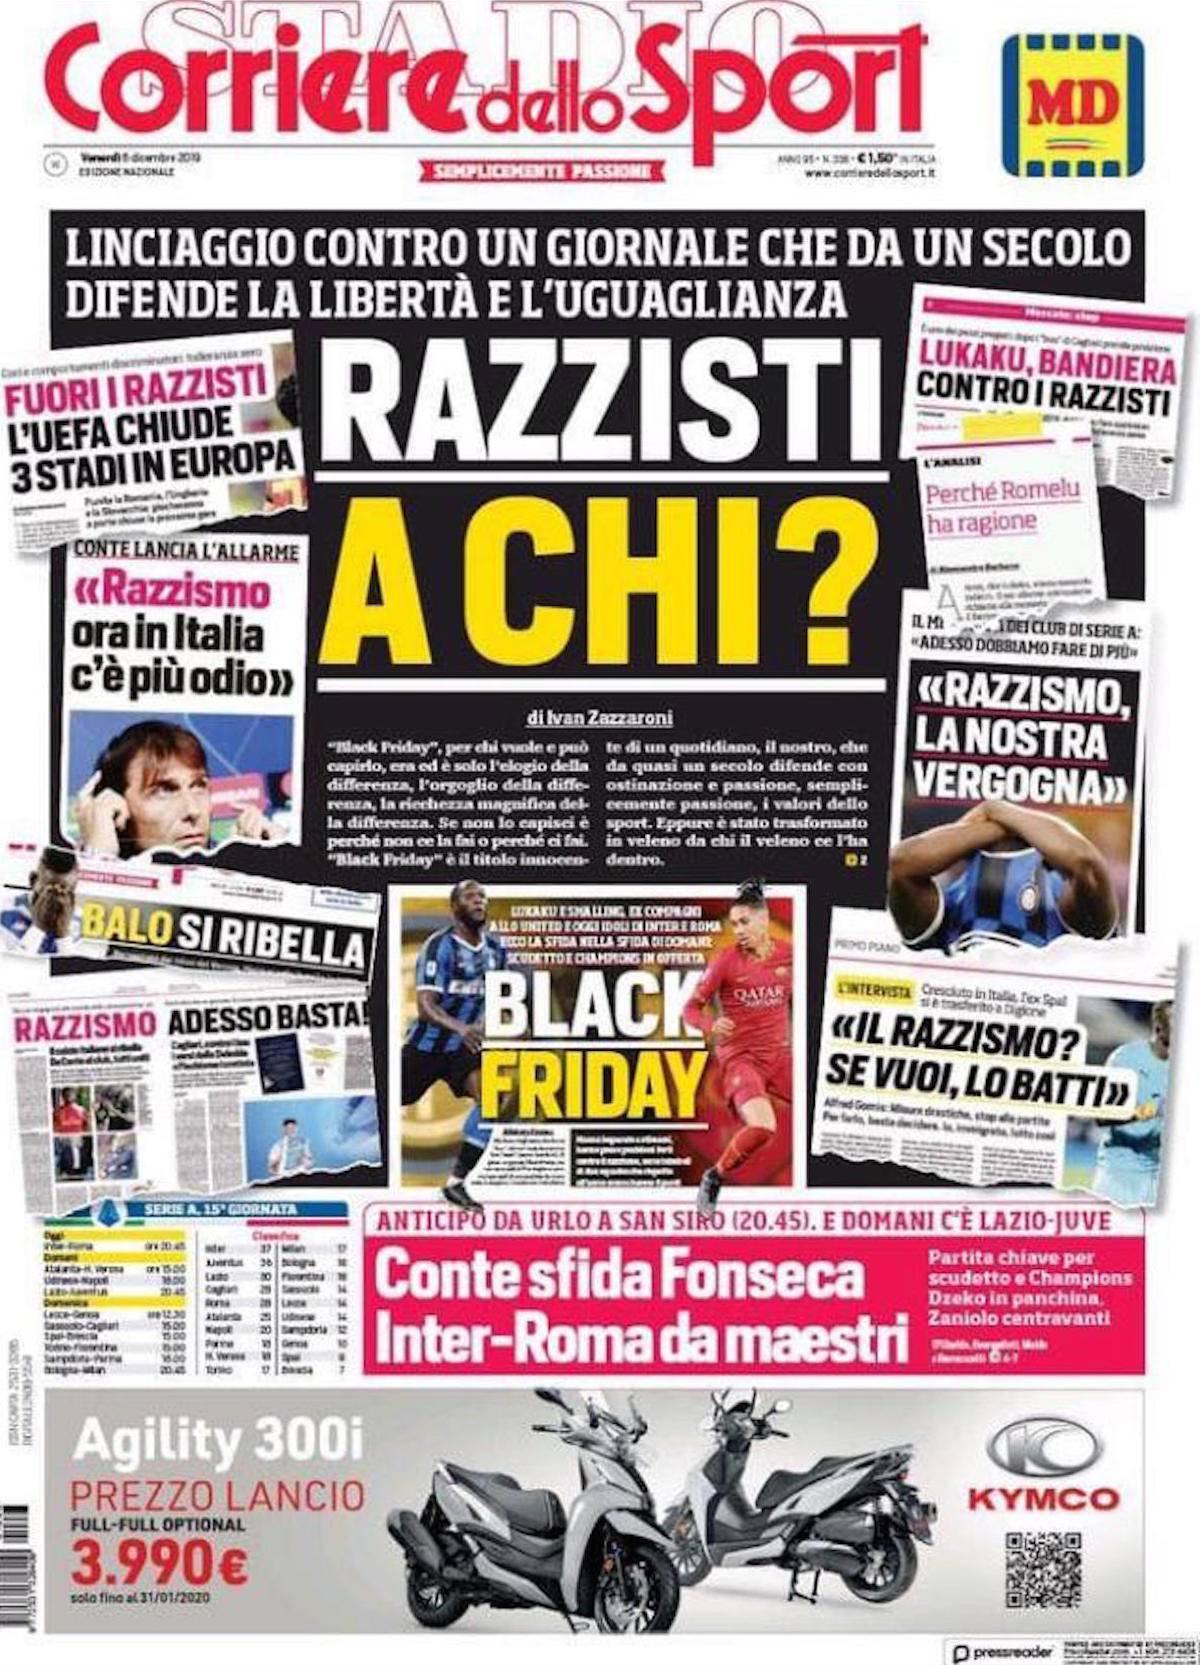 """Il Corriere dello Sport si difende dalle accuse di razzismo: """"Razzisti a chi?"""""""